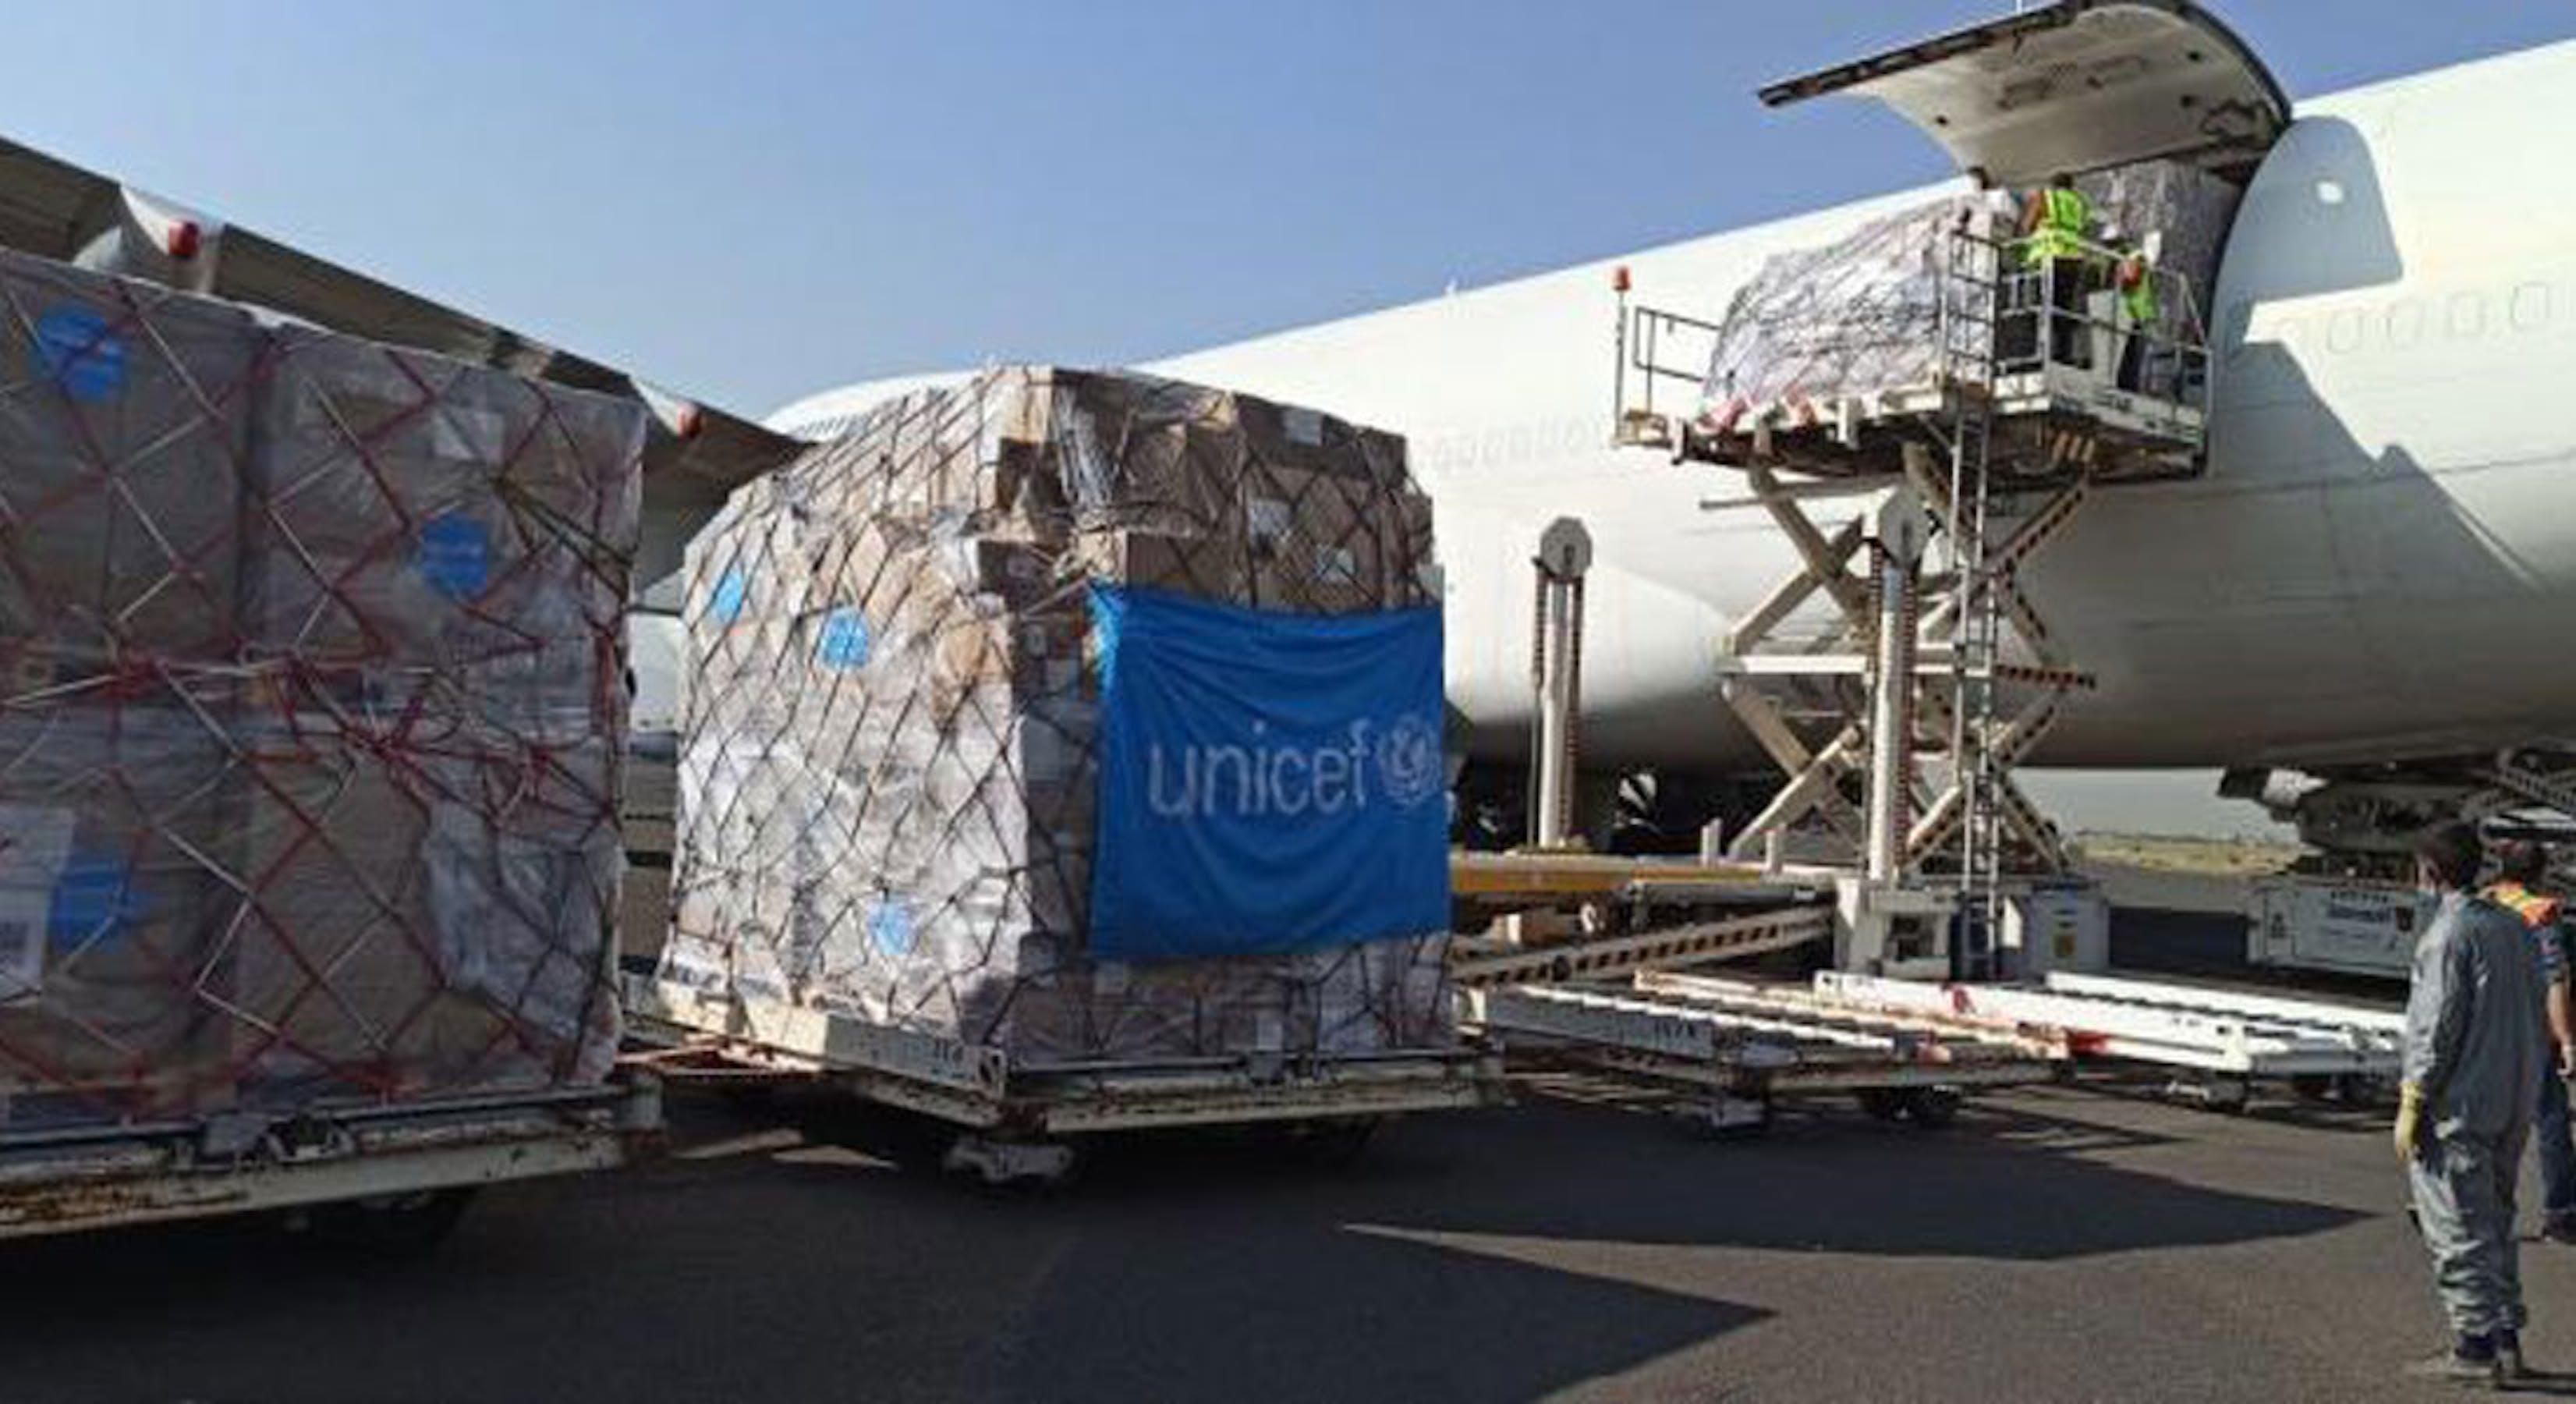 L'arrivo del carico di aiuti umanitari nell'aeroporto di Sana'a, capitale dello Yemen - ©UNICEF Yemen/2020